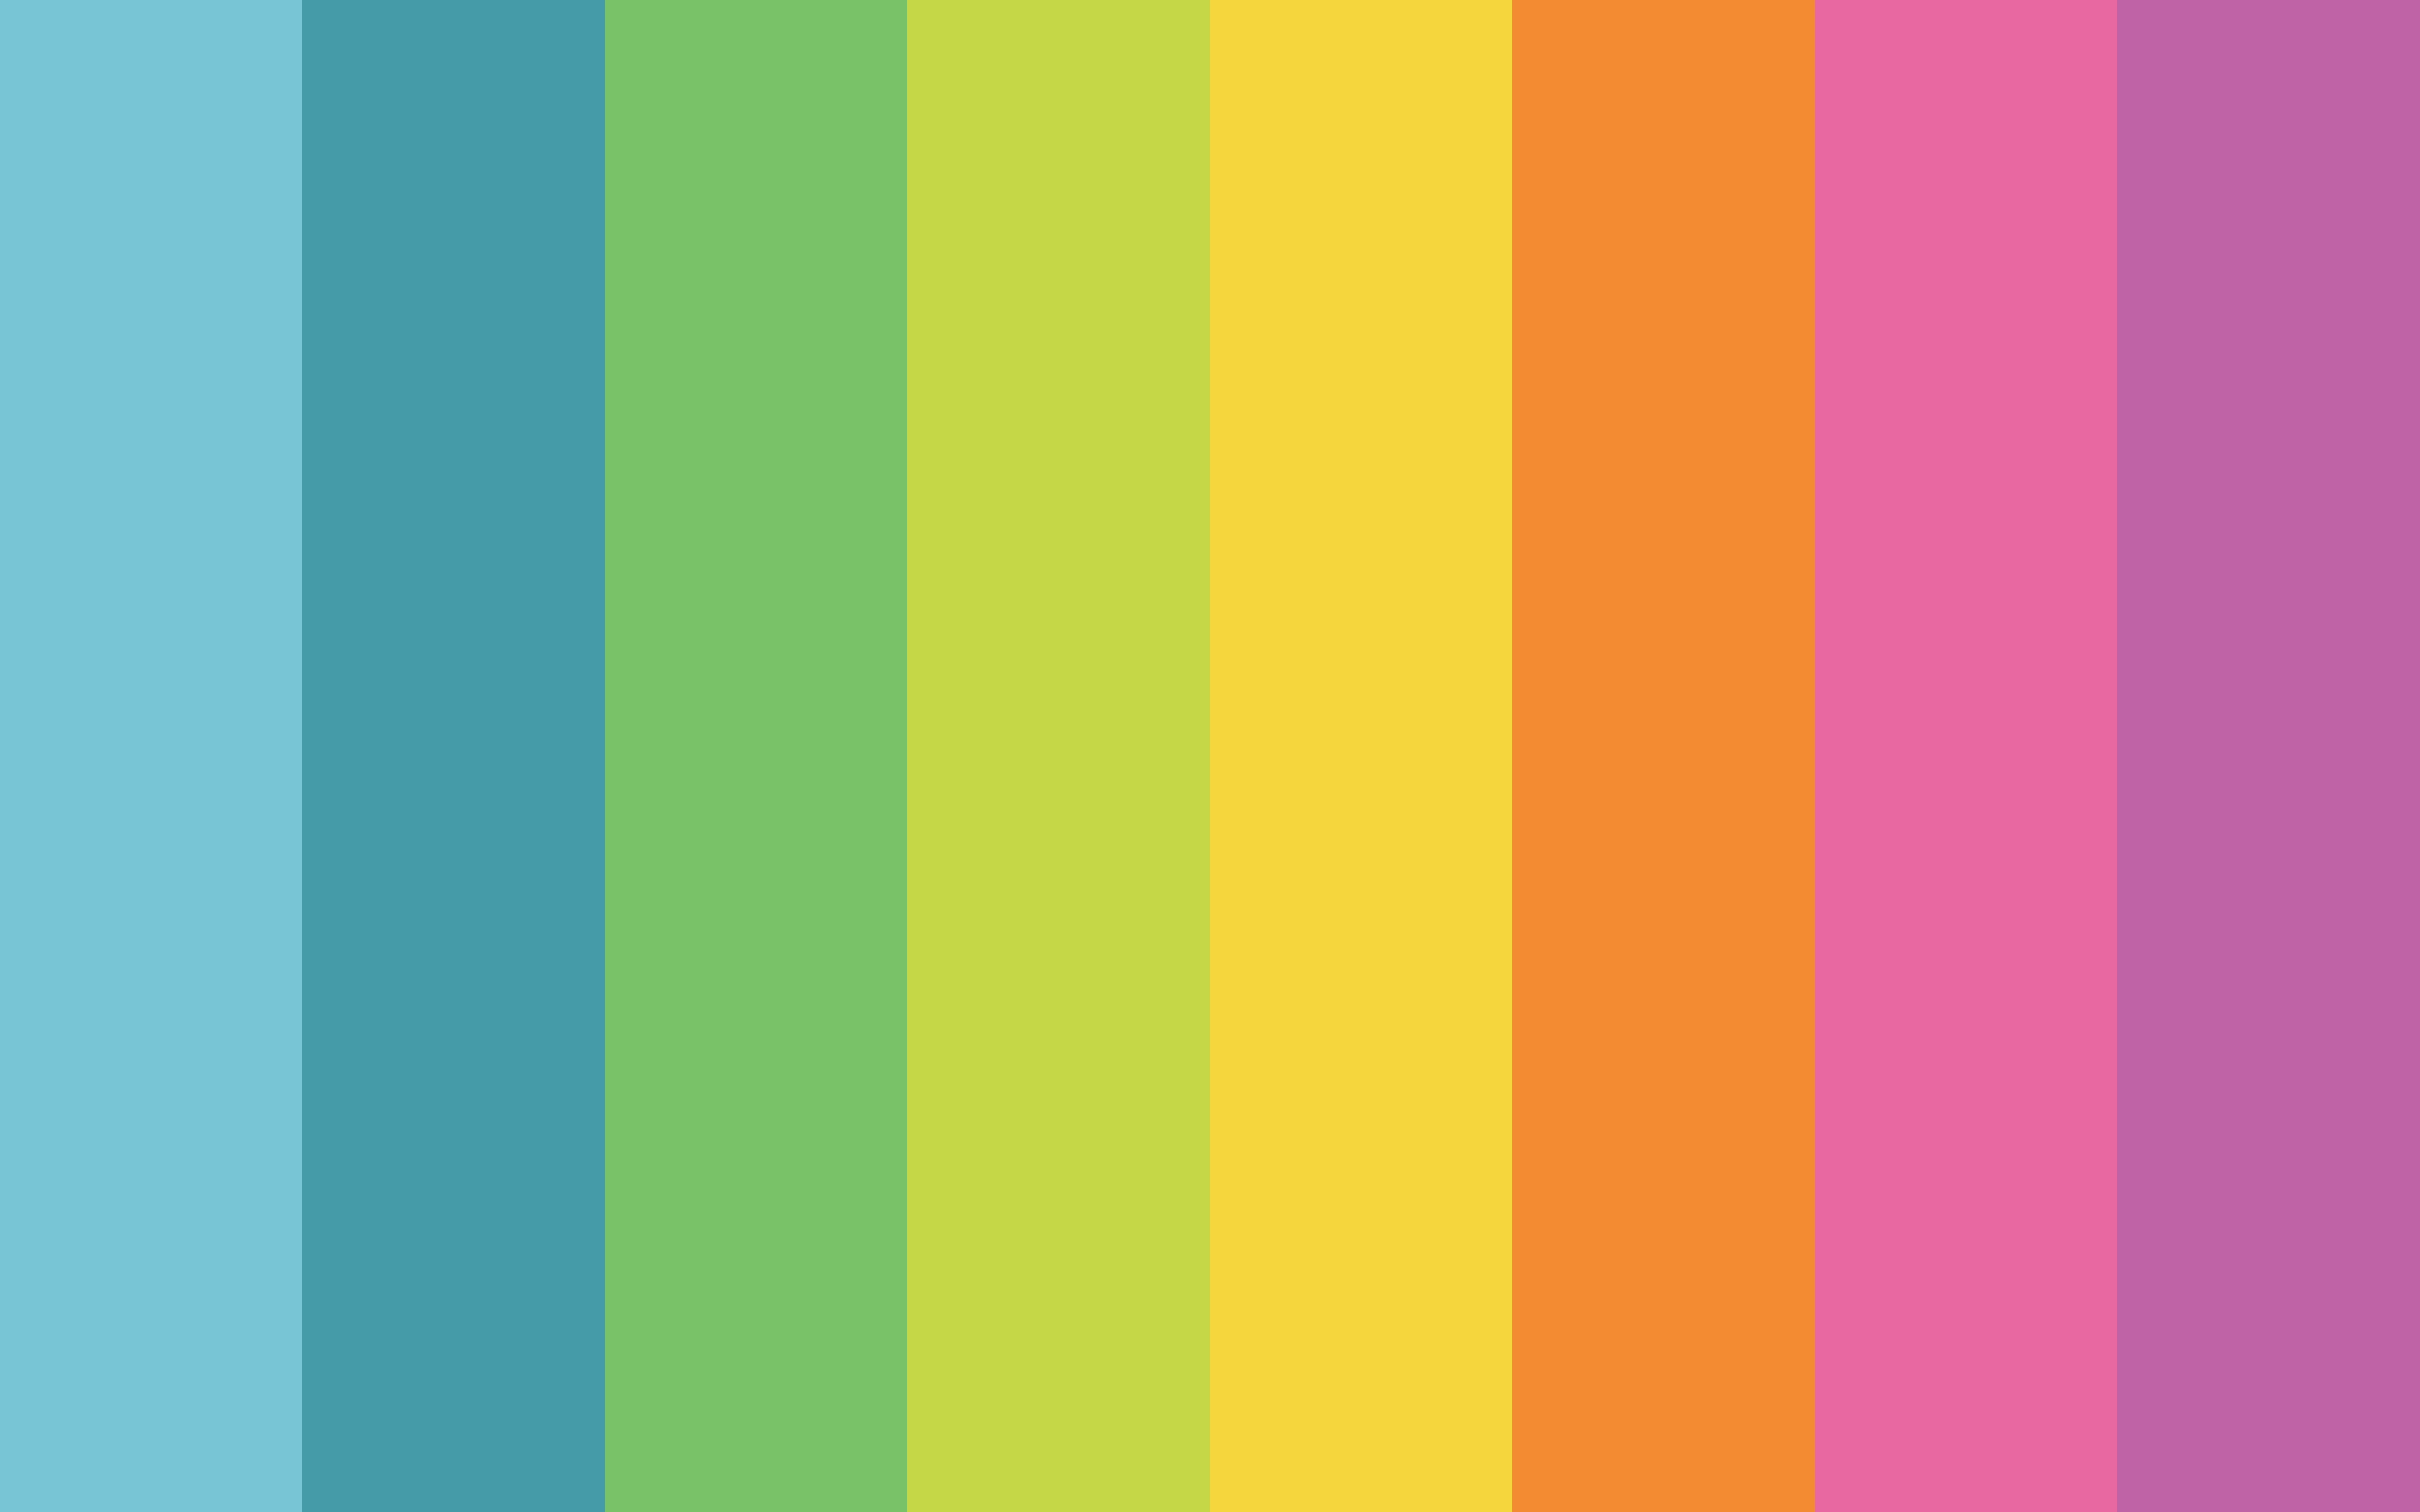 Minimal Rainbow Wallpaper 45360 2560x1600 px HDWallSourcecom